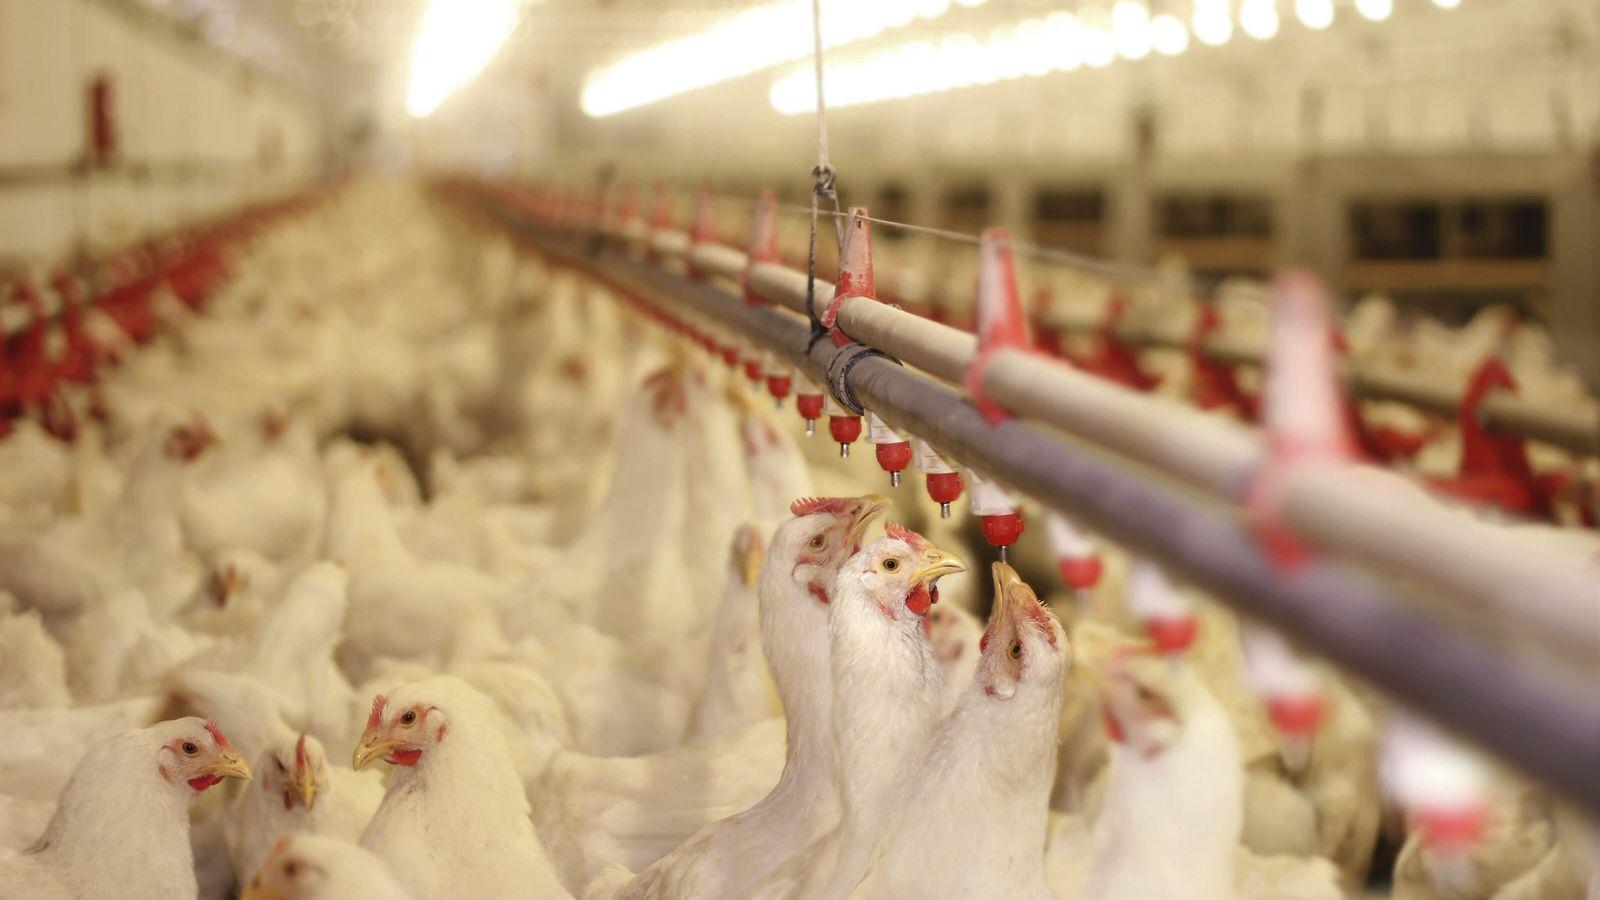 Les épizooties se sont multipliées dans le sillage de l'intensification et de l'industrialisation de l'élevage.